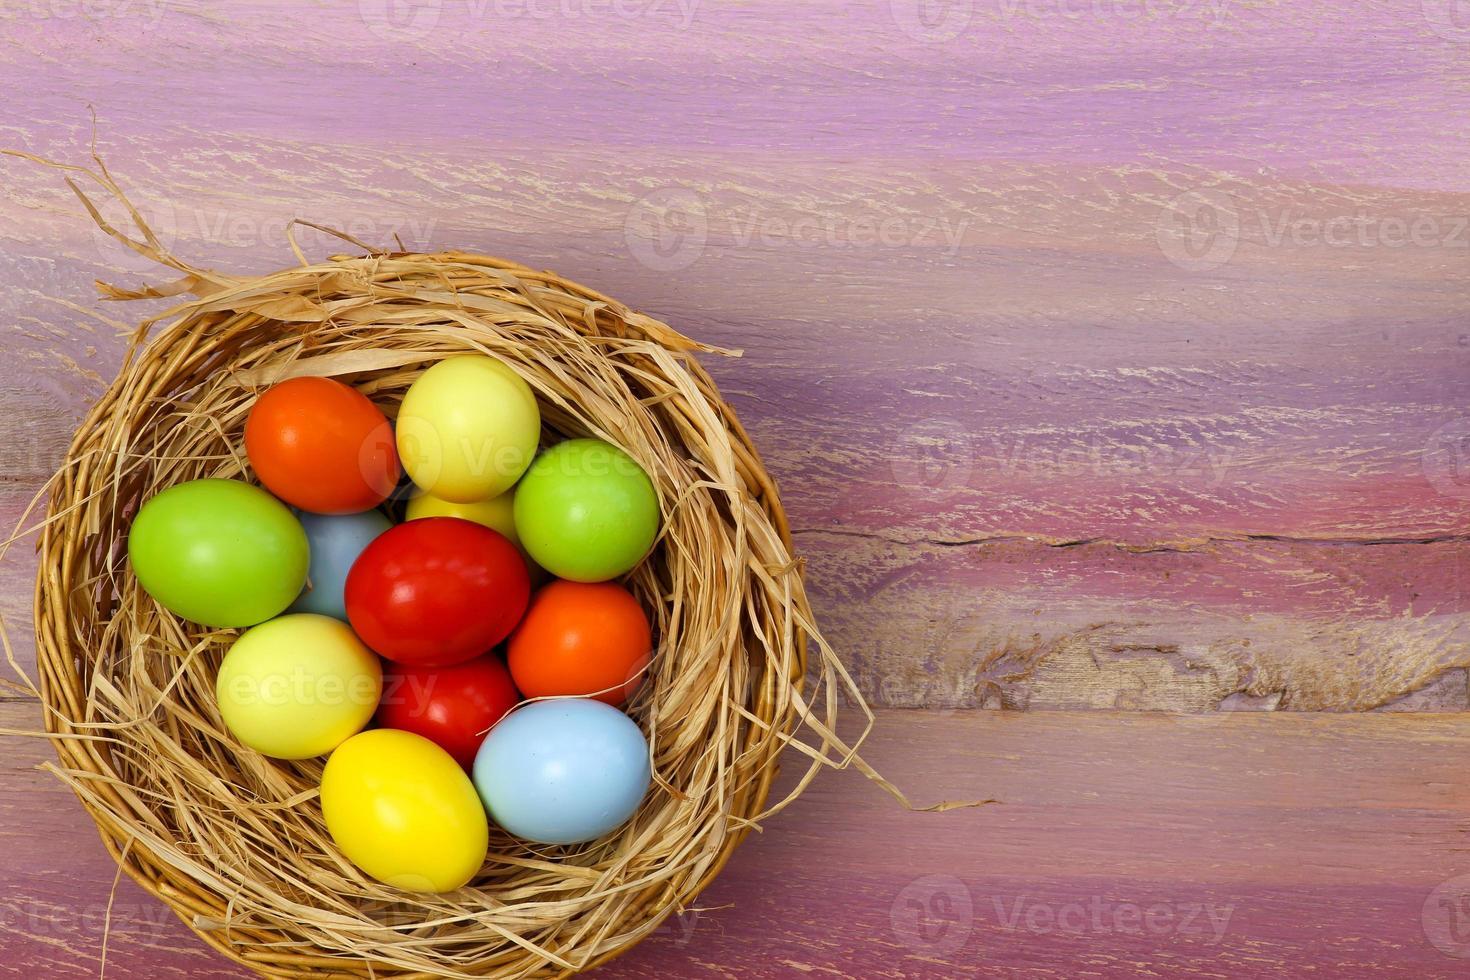 vrolijk Pasen beschilderde eieren rieten mand kopie ruimte foto